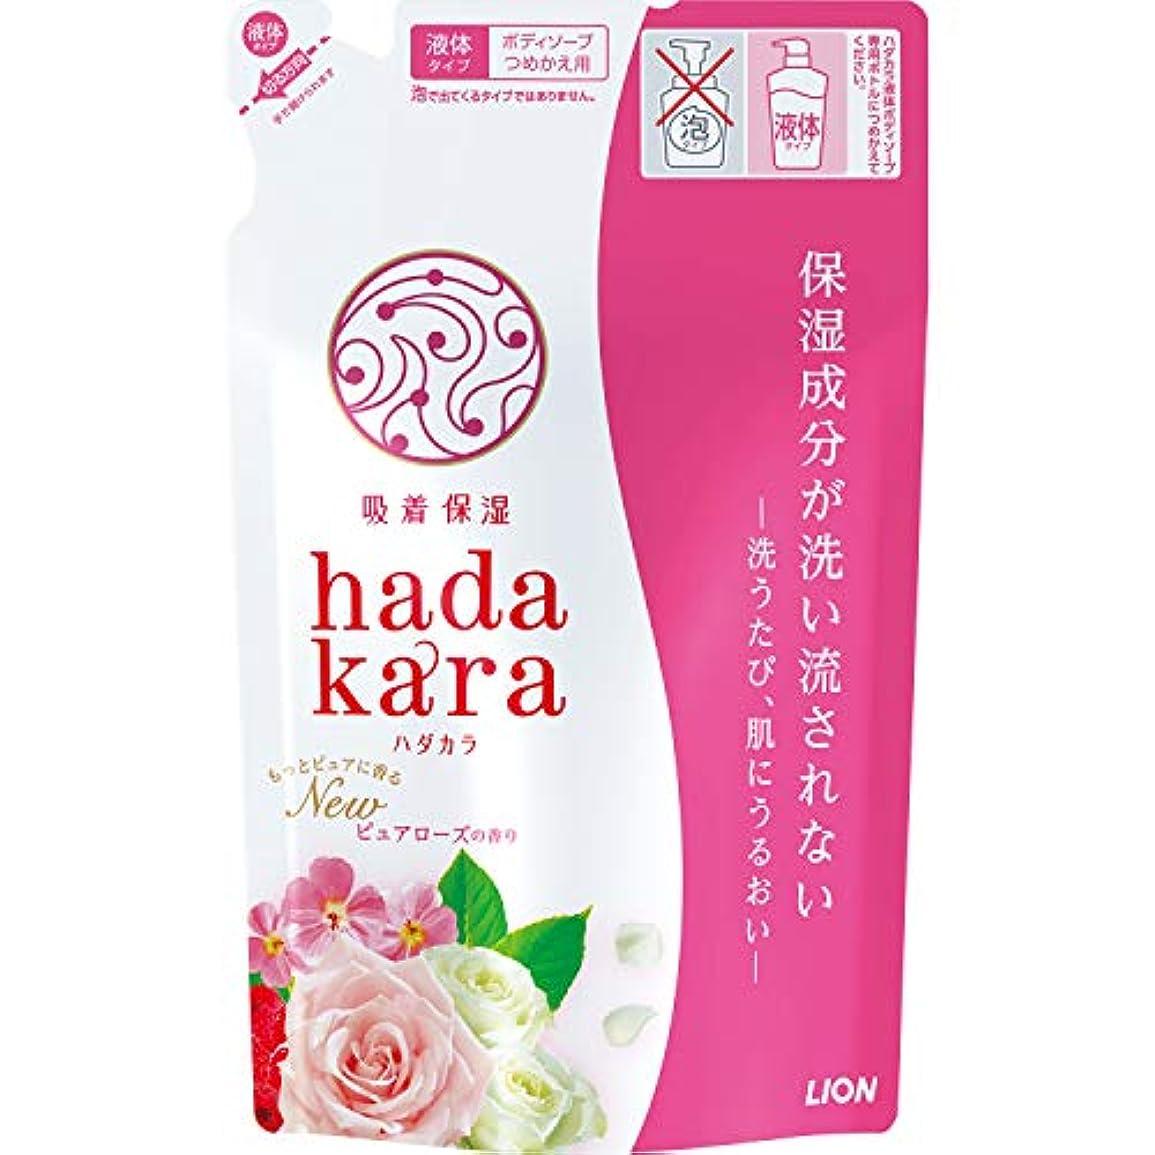 計器虫カセットhadakara(ハダカラ) ボディソープ ピュアローズの香り 詰め替え 360ml